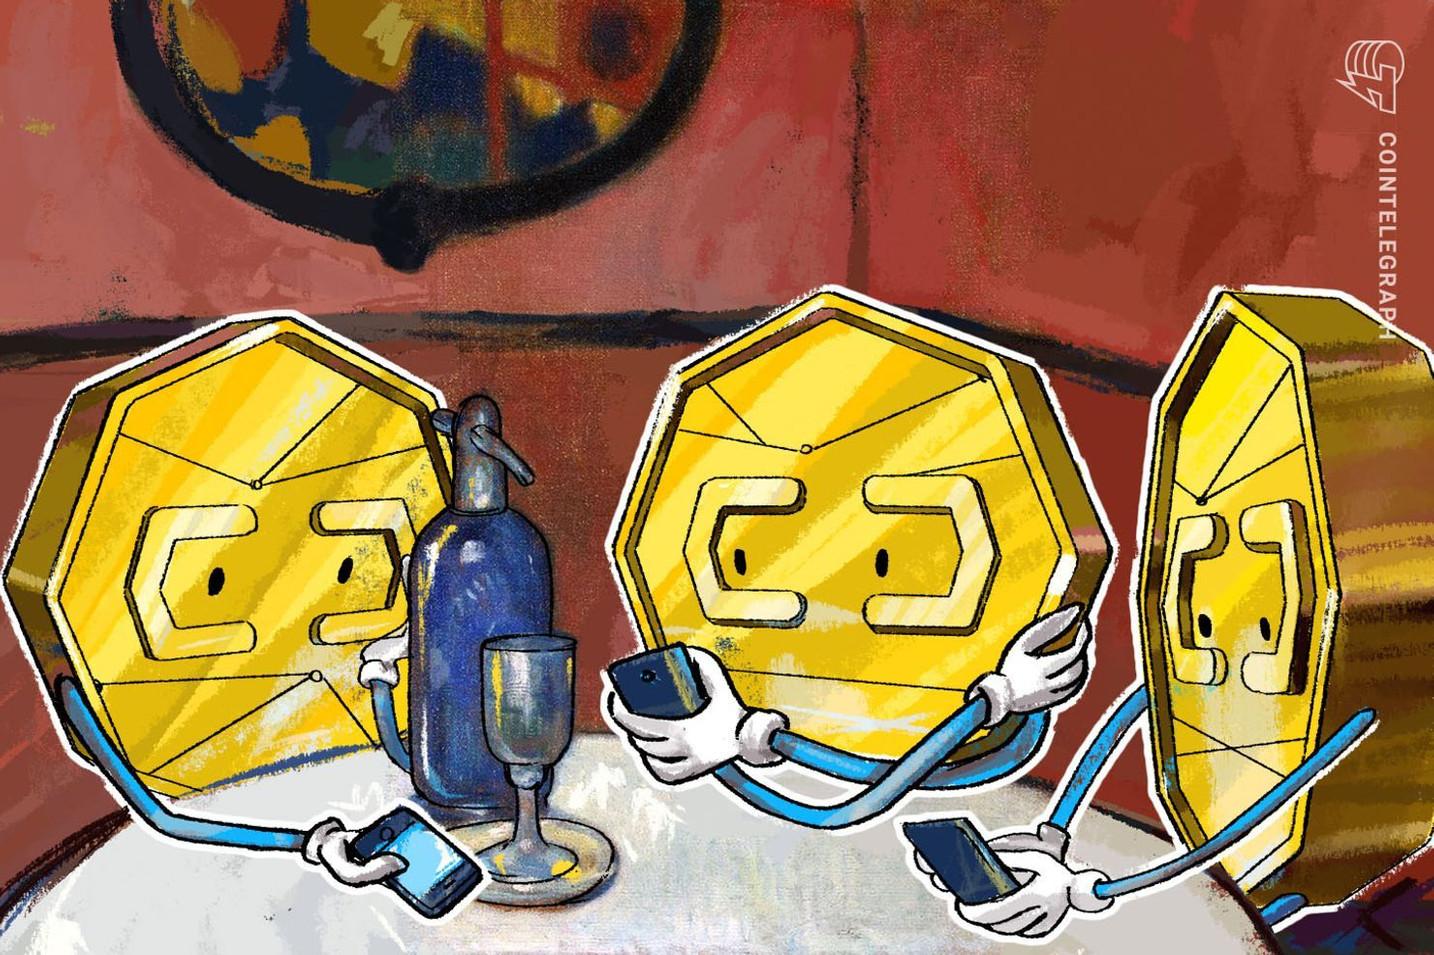 日本仮想通貨交換業協会がパブリックコメントを募集|新規仮想通貨の販売に関する規則など